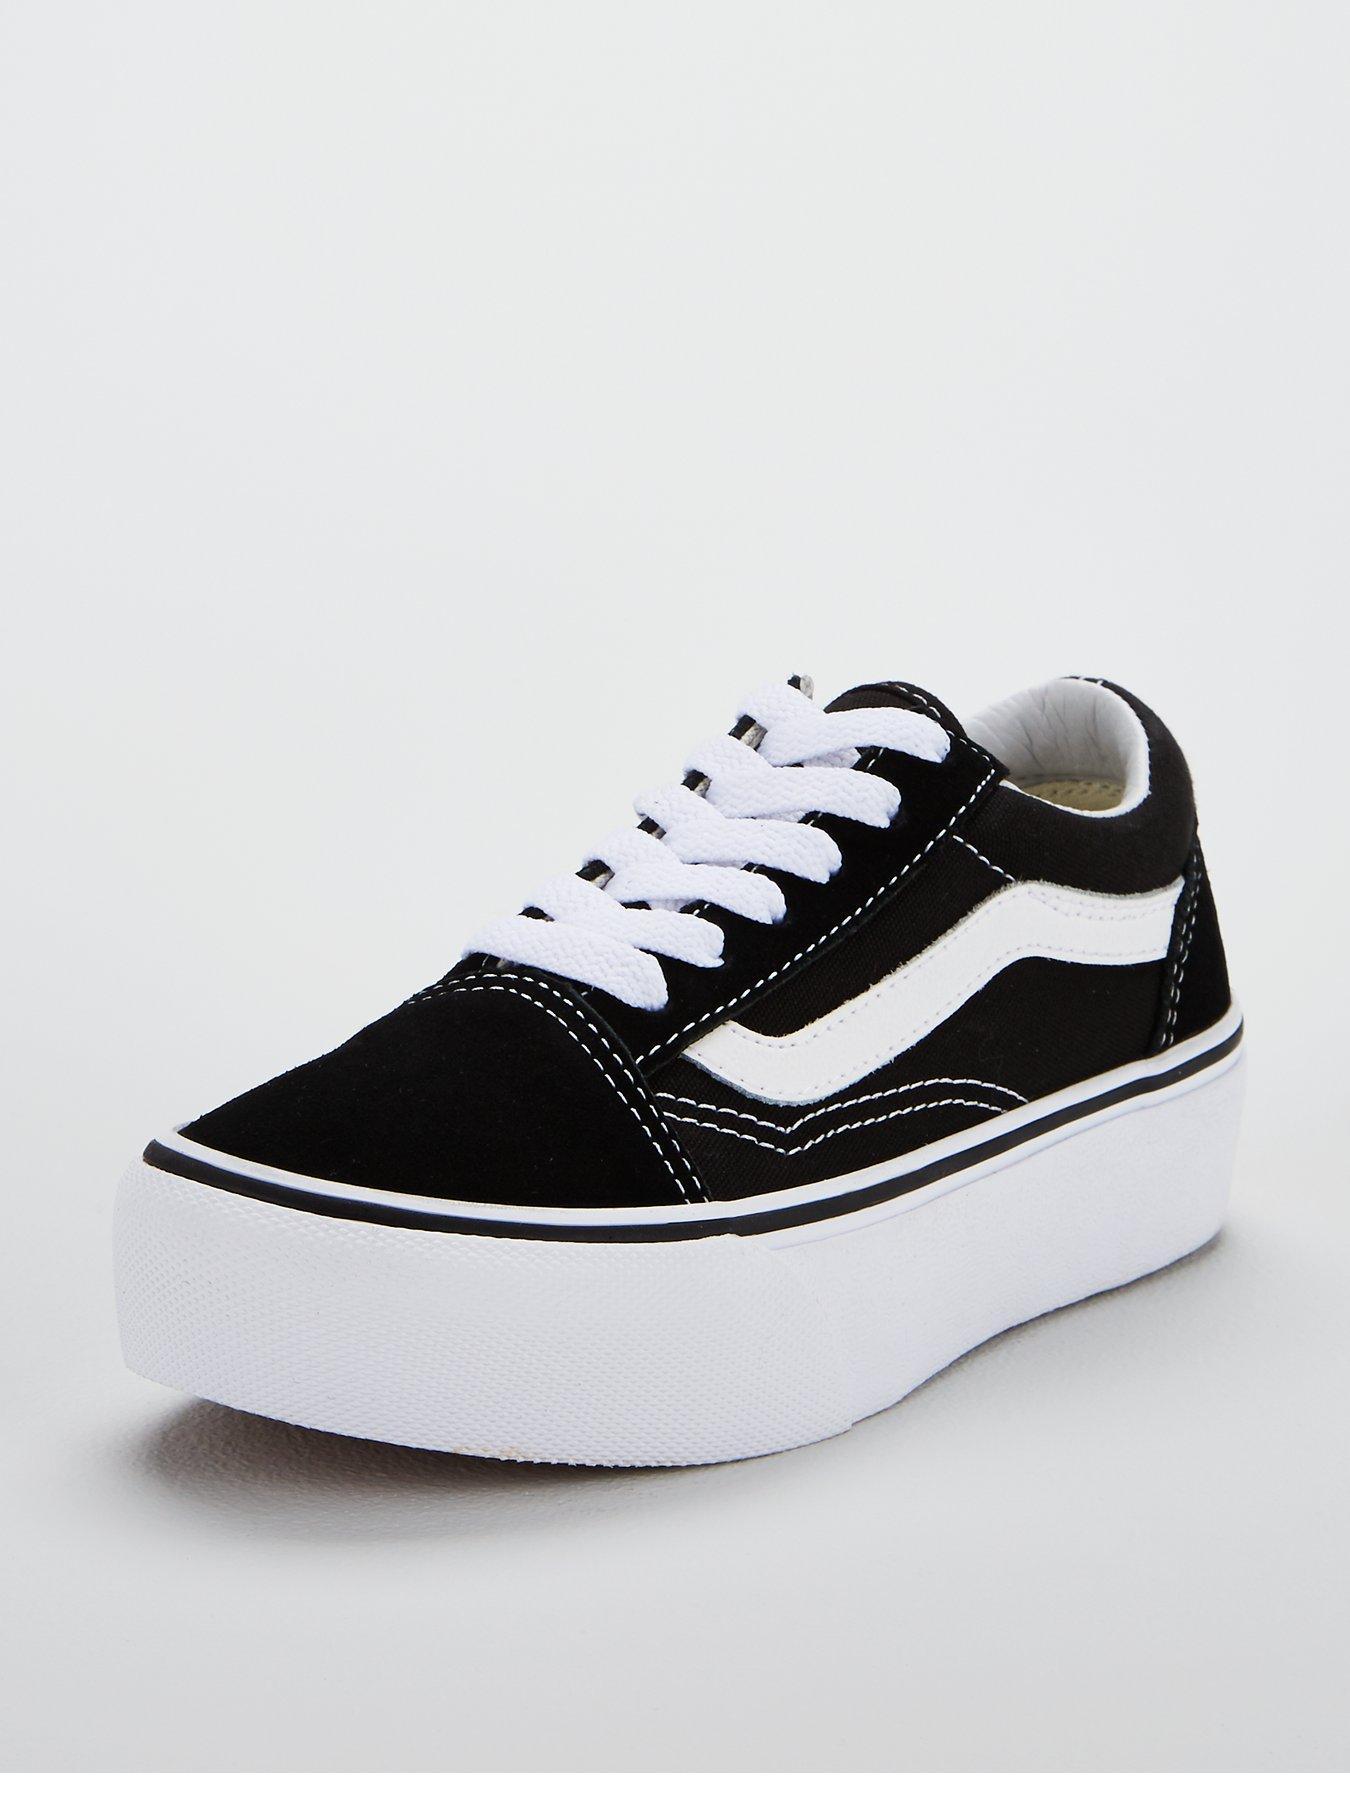 Vans Old Skool | Junior footwear (sizes